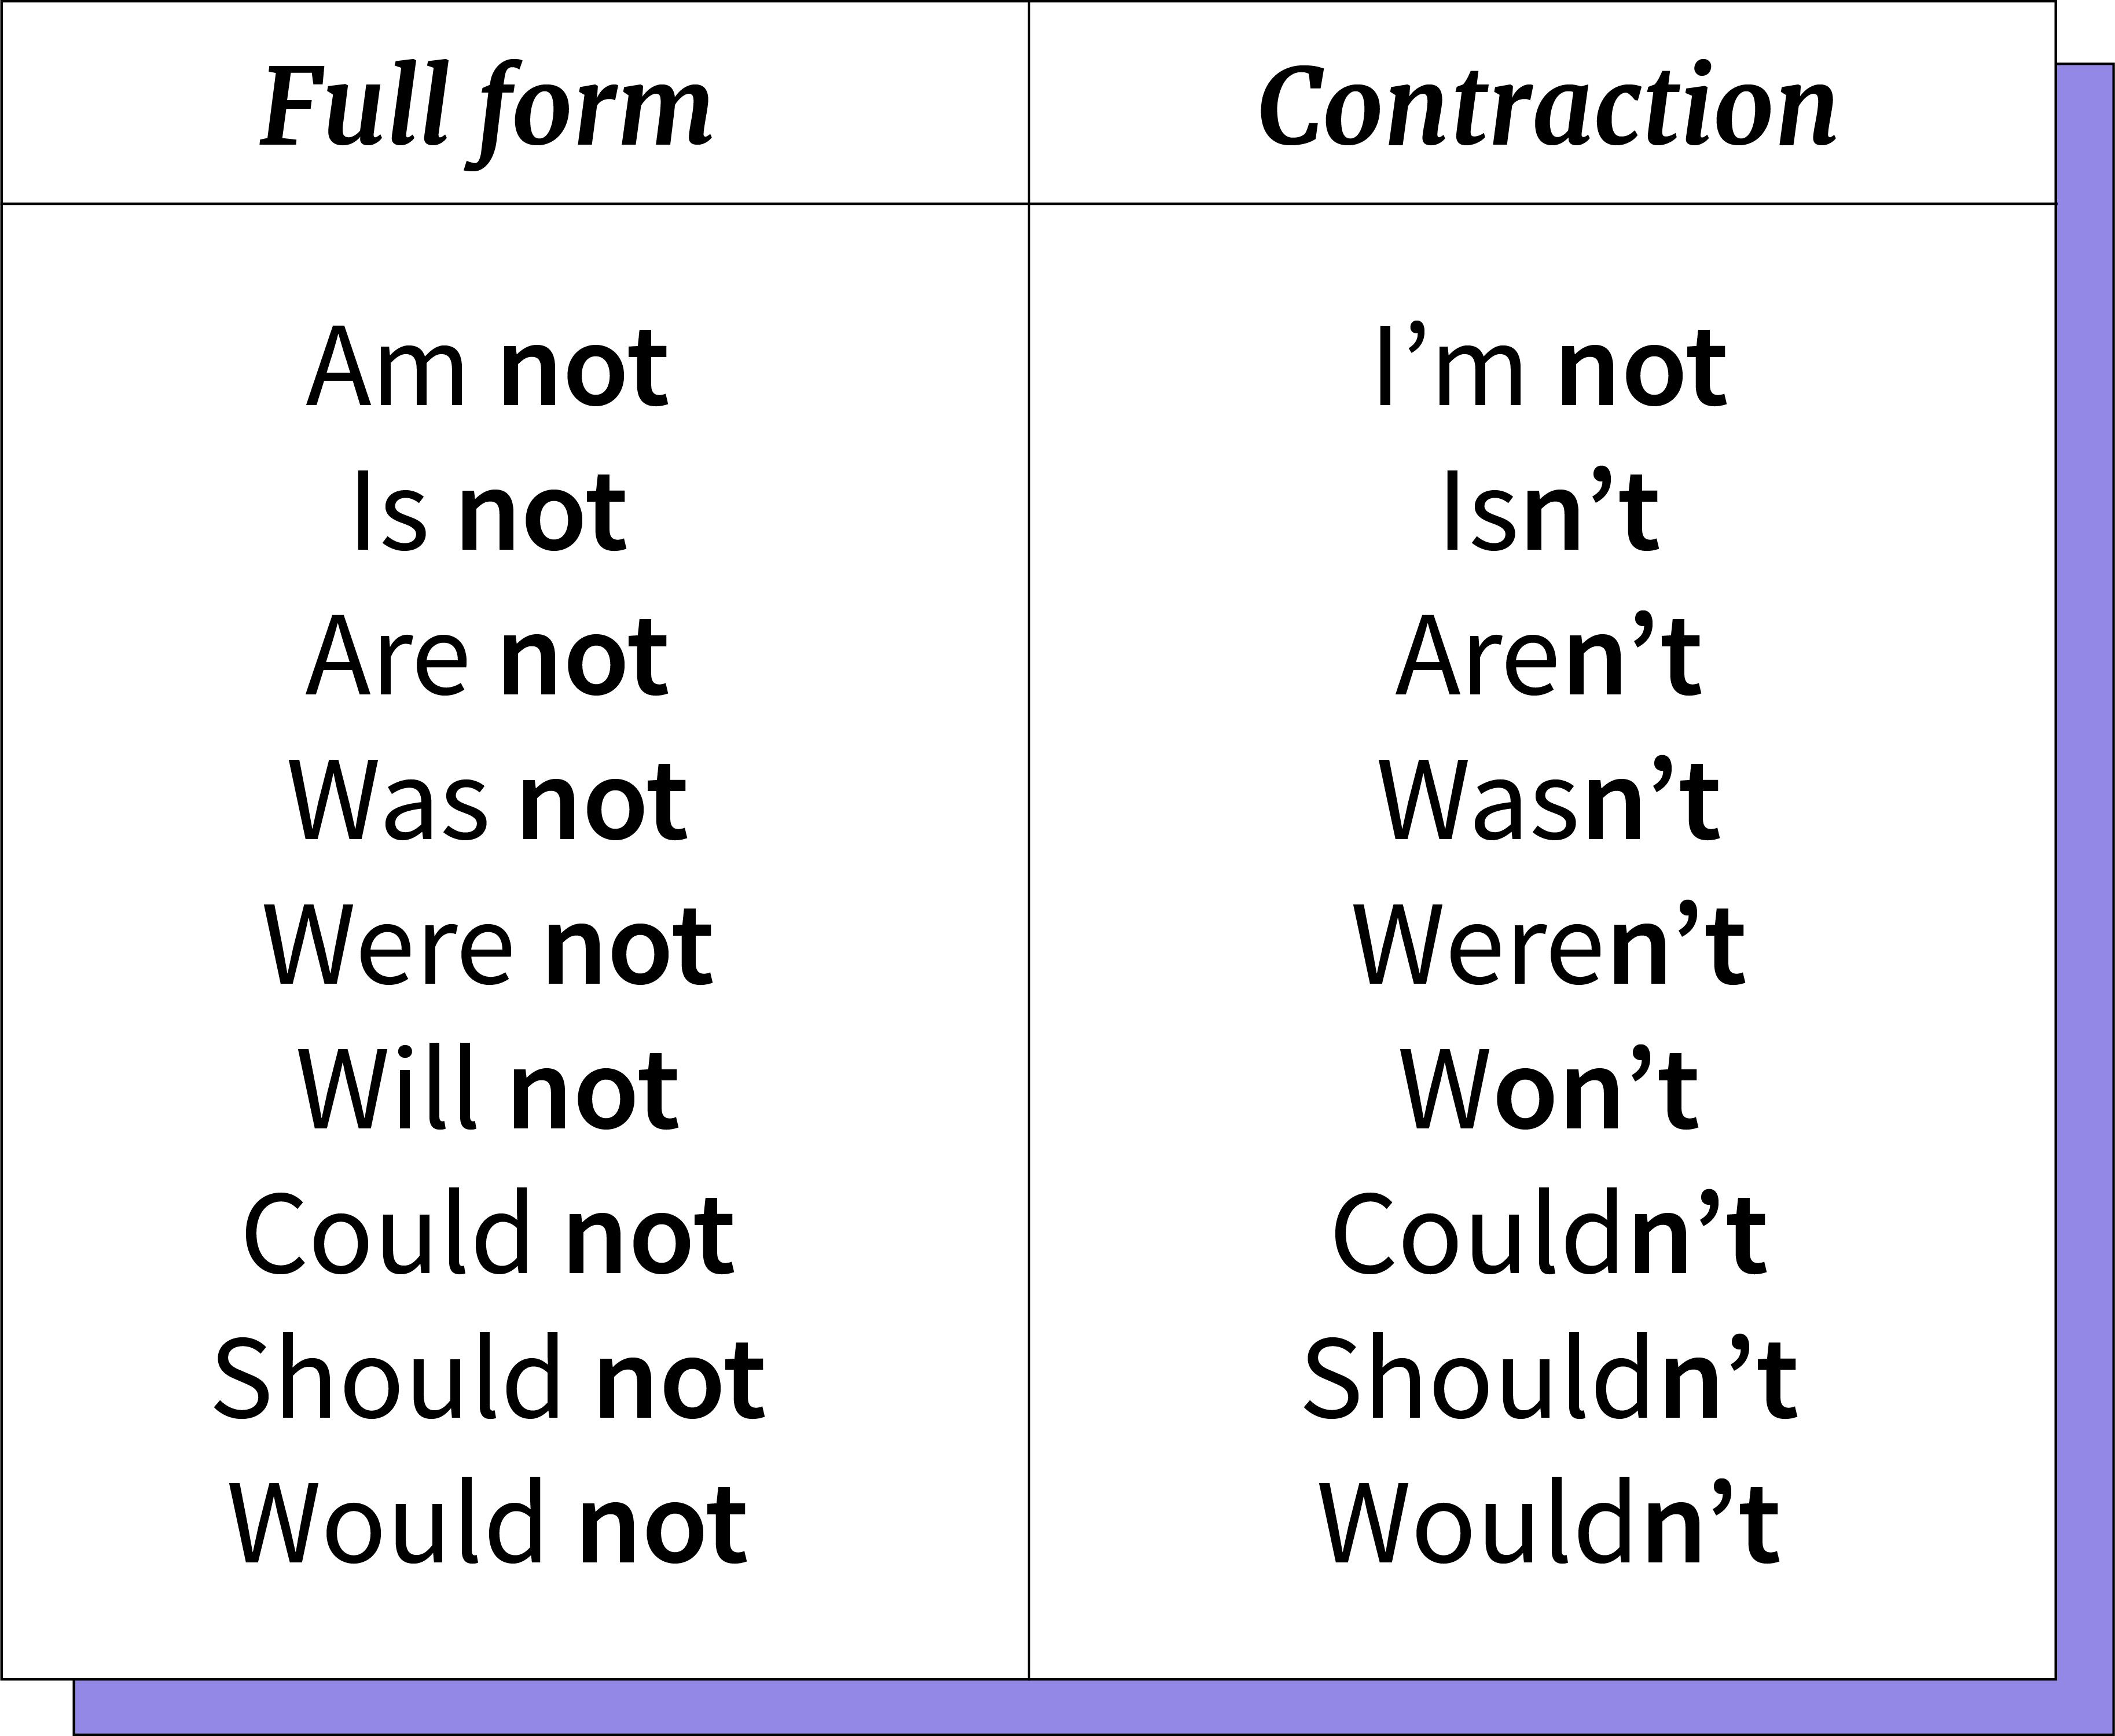 Tabla de ejemplo de negaciones en inglés.